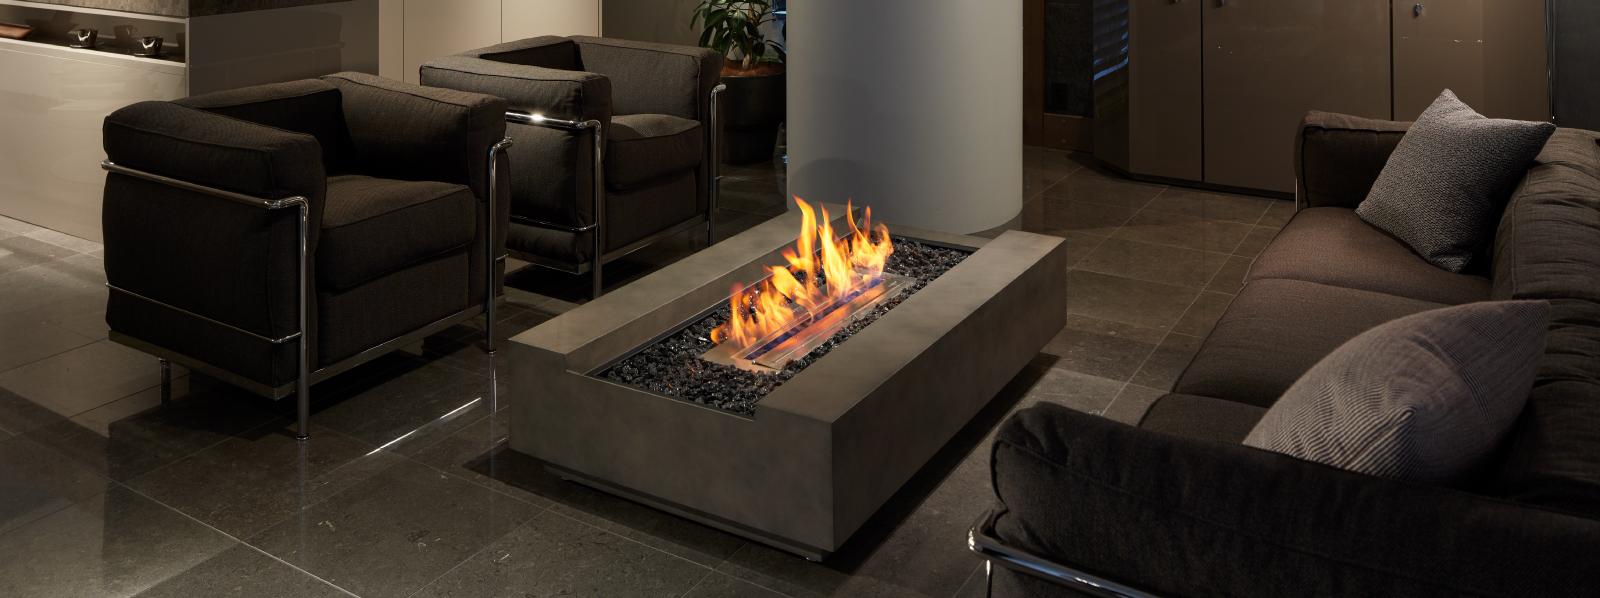 エコで安全な新しいバイオエタノール暖炉「ecosmartfire」